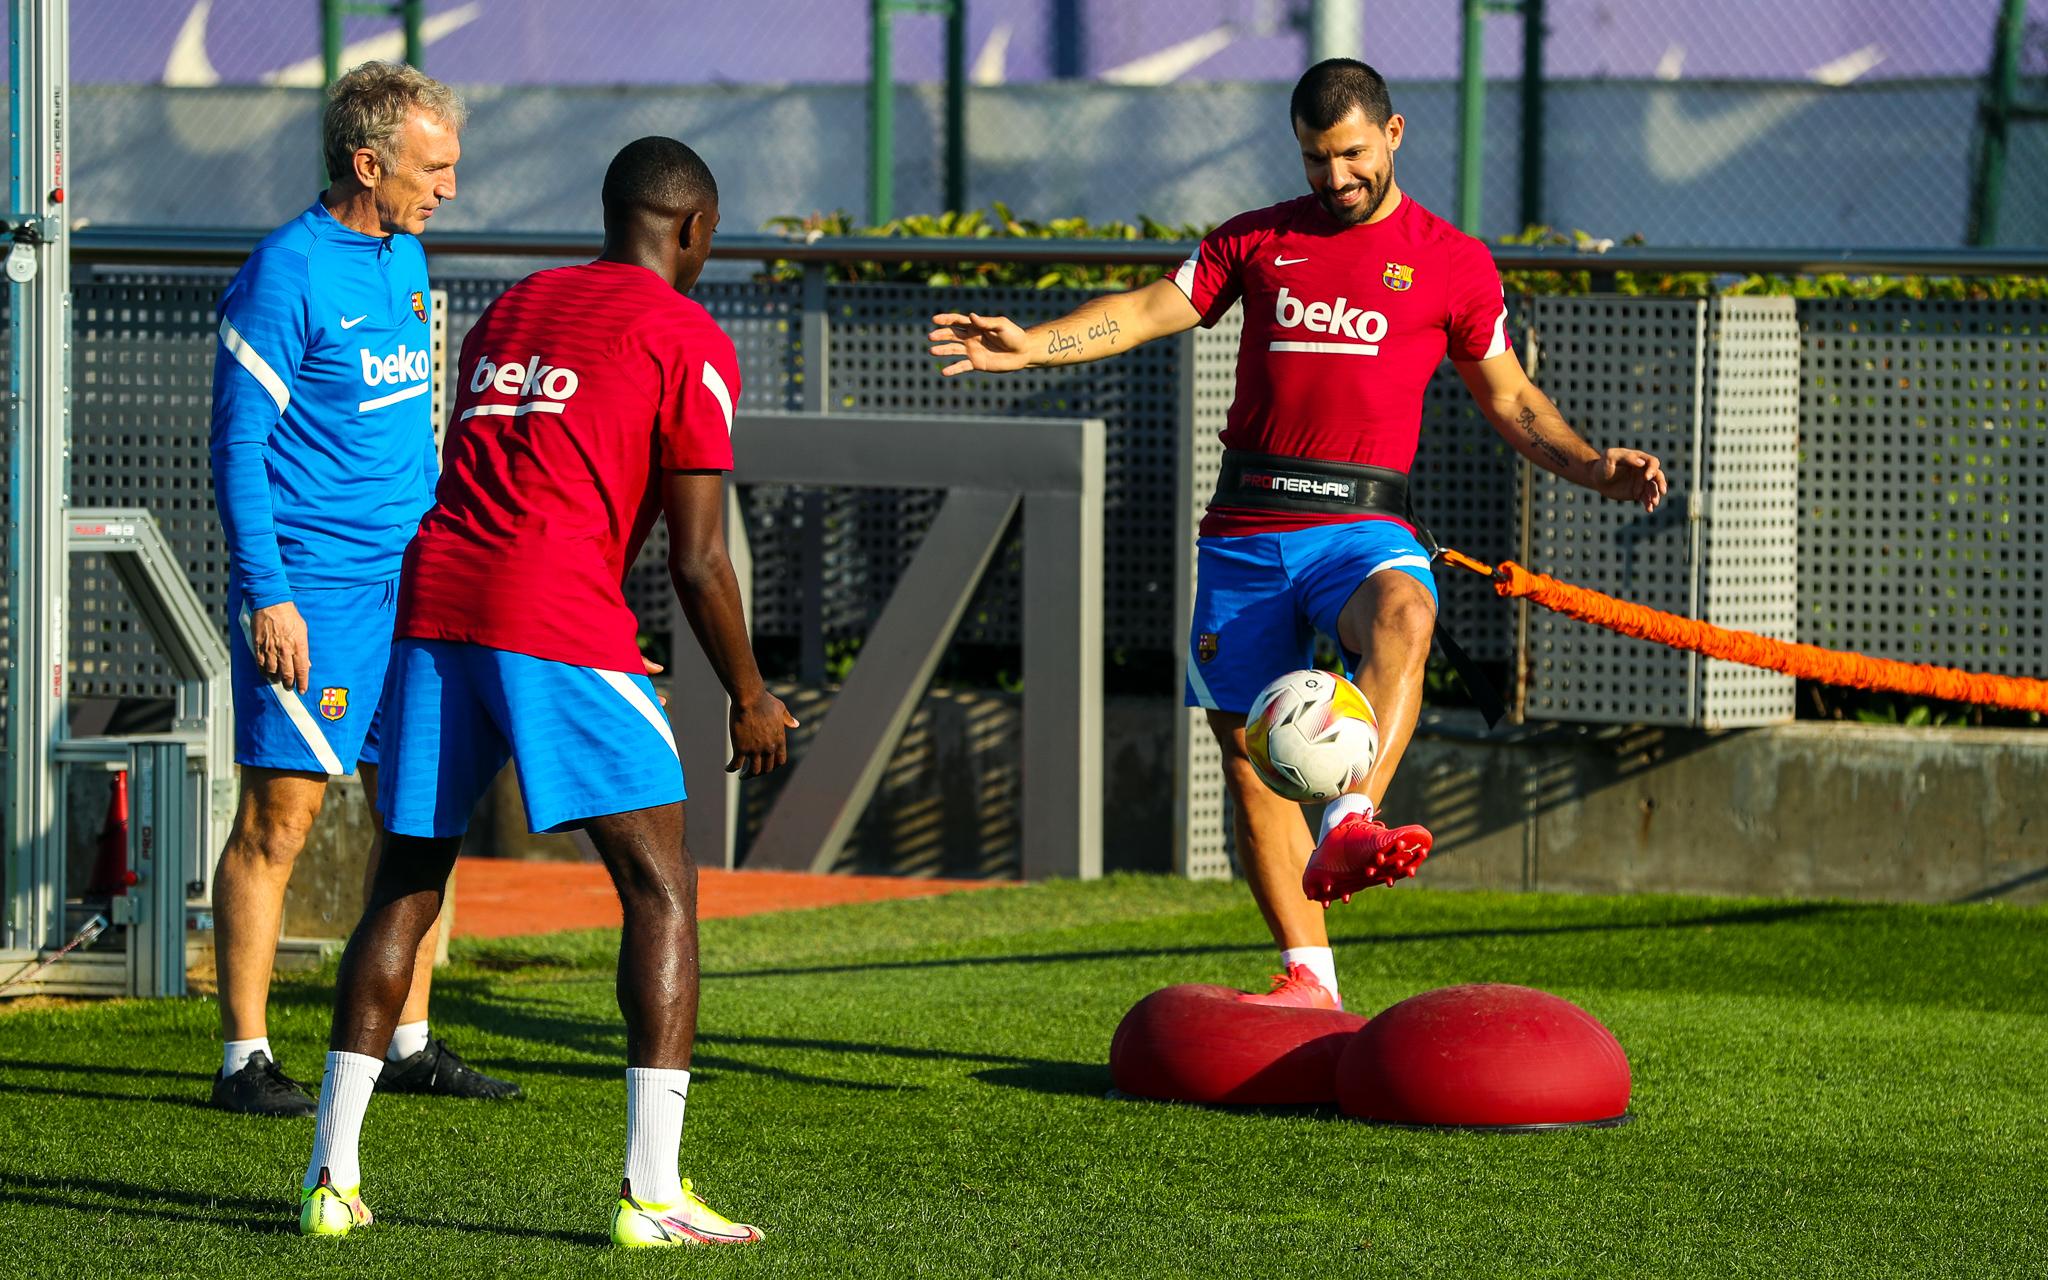 Aguero vẫn vui vẻ tập luyện cùng các đồng đội mới, dù không thoả nguyện chơi cùng Messi tại Barca. Ảnh: Twitter / FC Barcelona